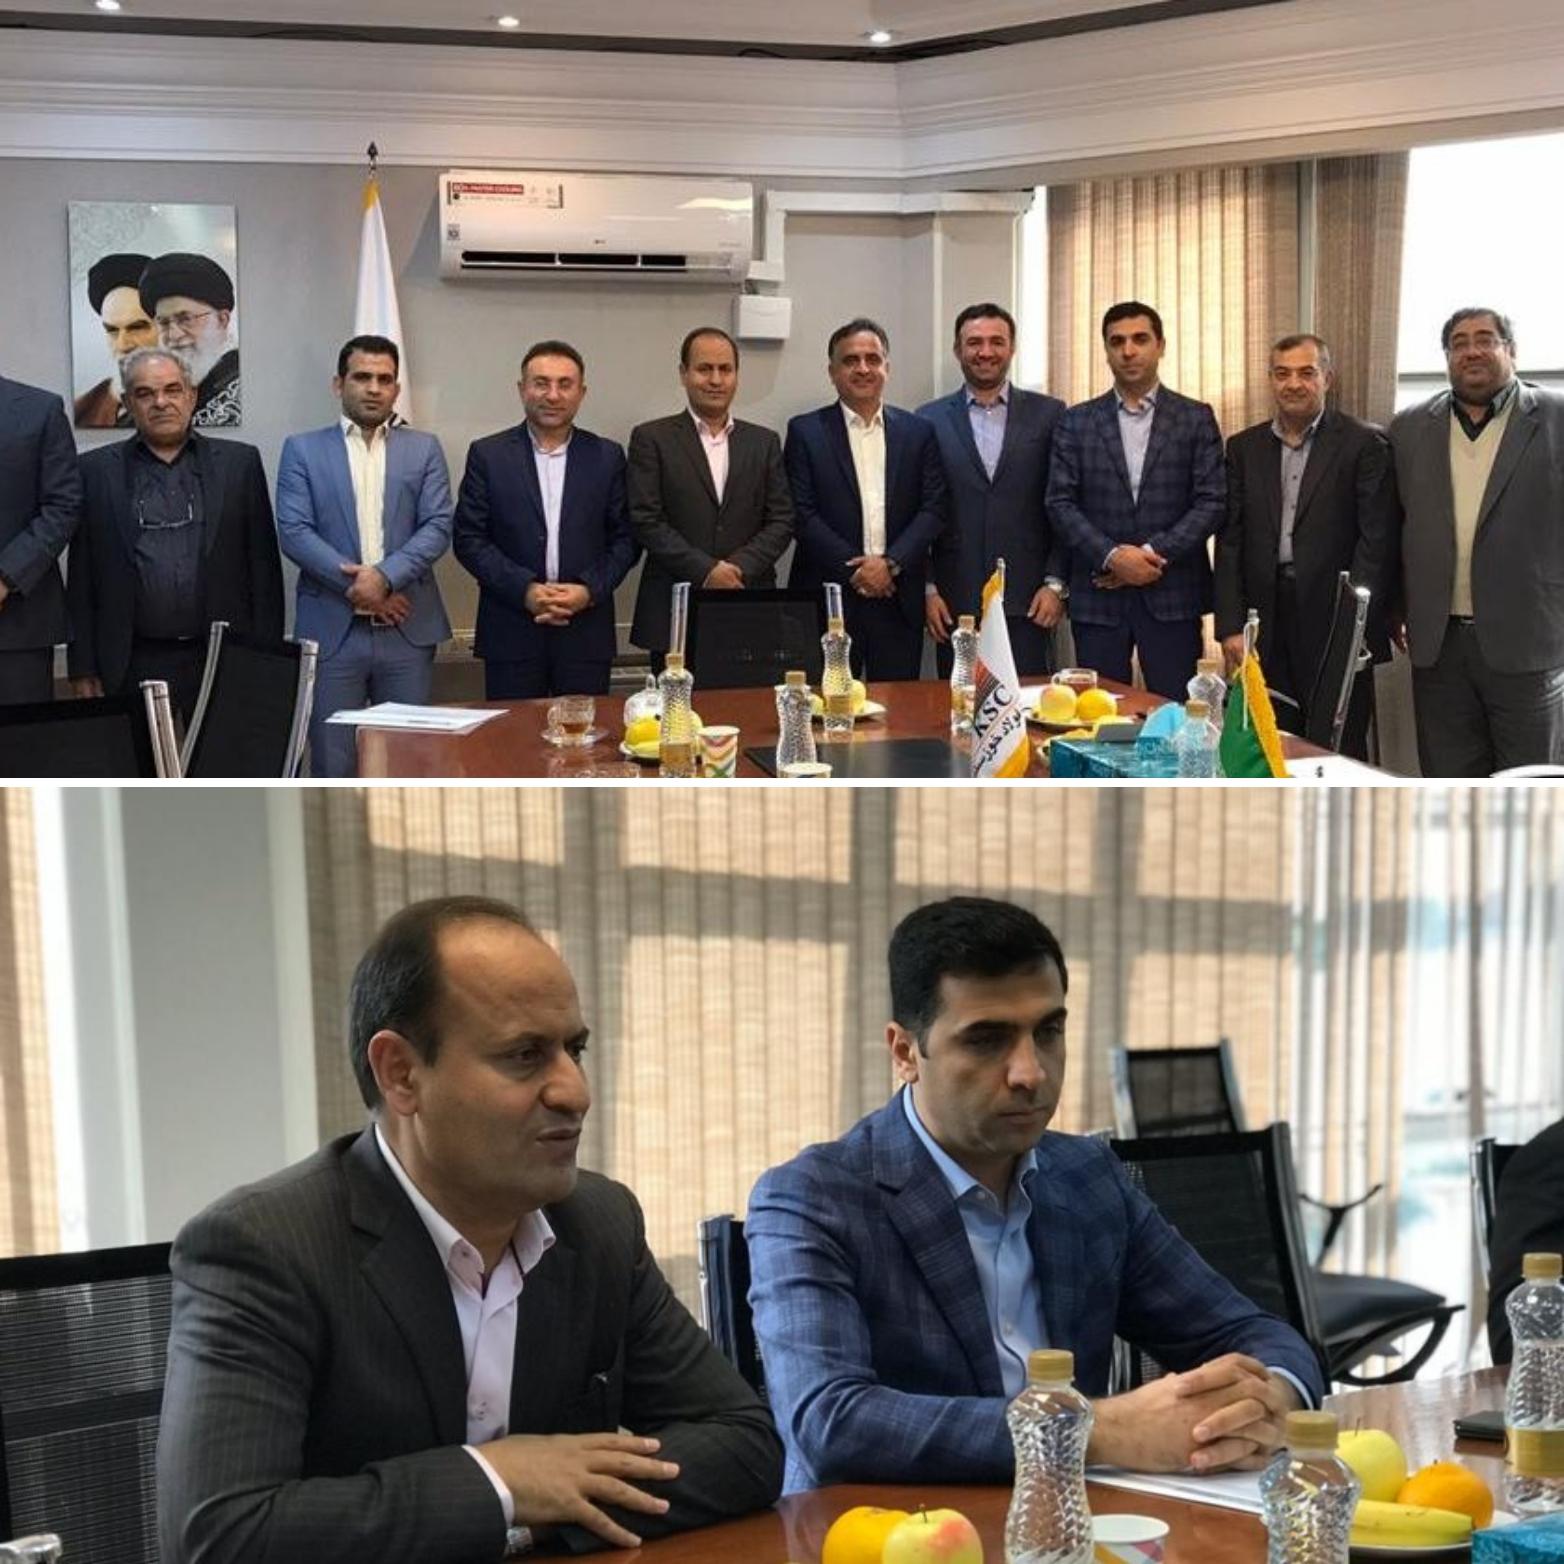 مدیرعامل شرکت صنعتی و معدنی توسعه فراگیر سناباد منصوب شد